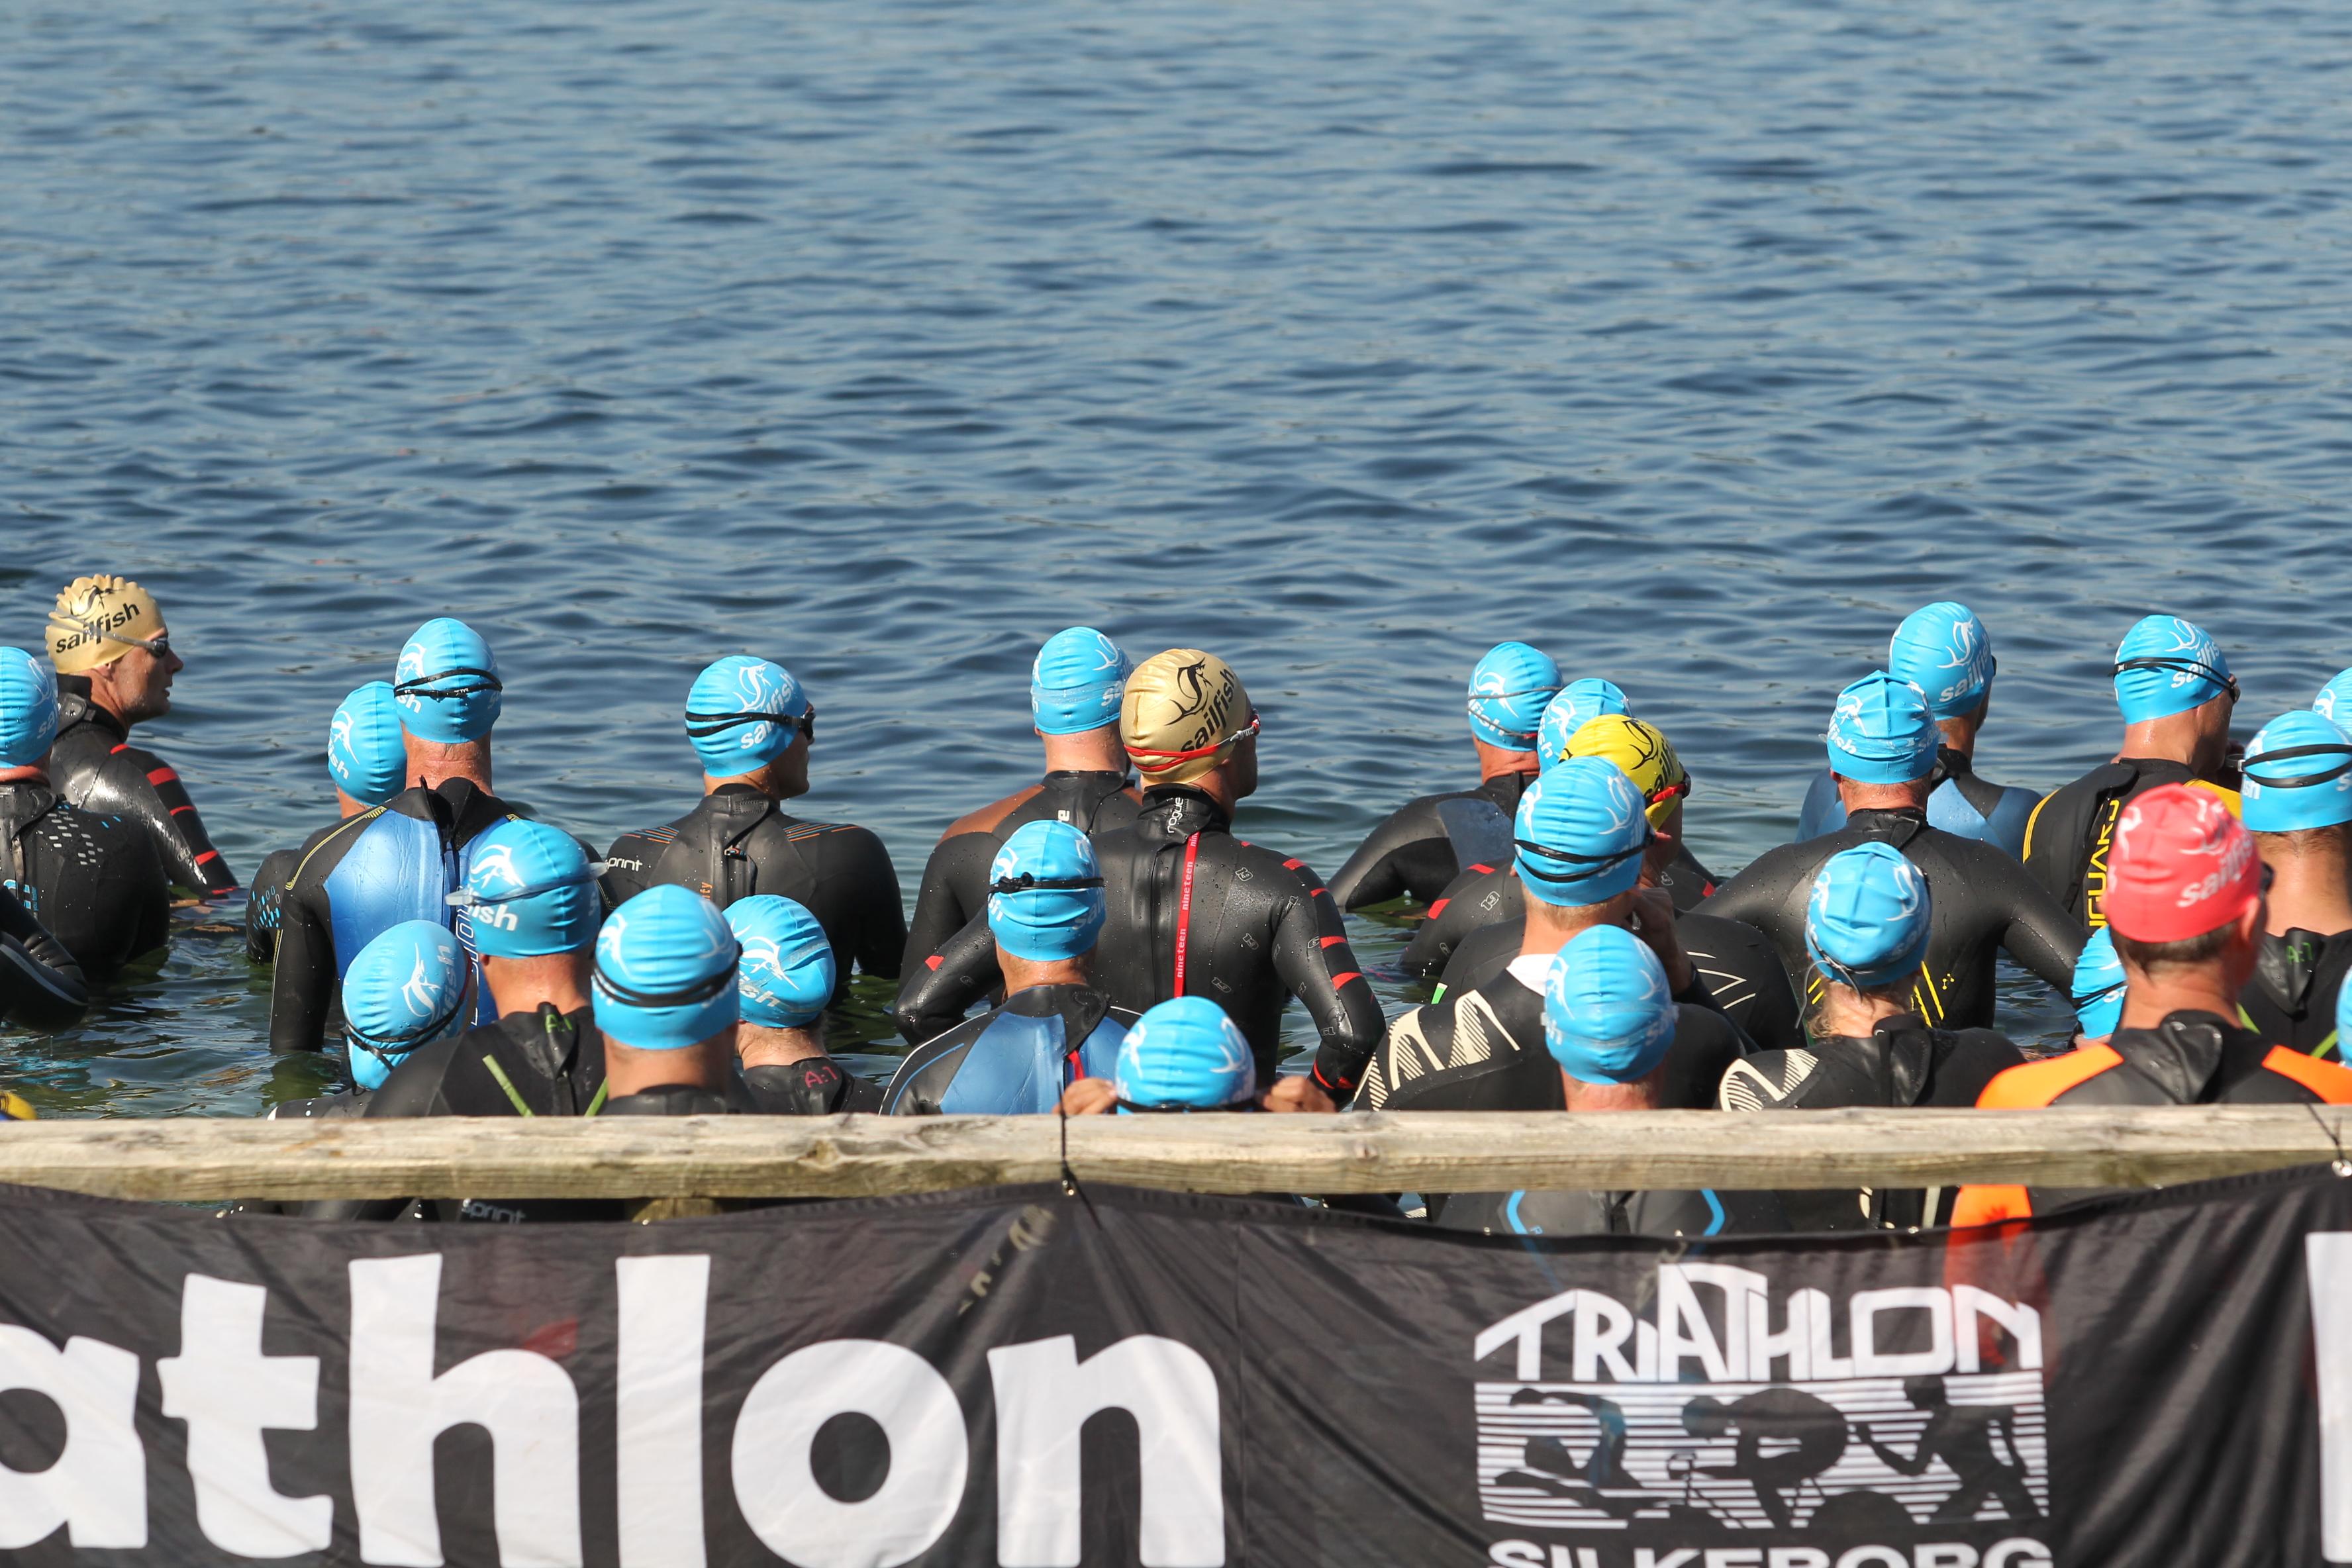 Danmarks Smukkeste Triathlon er vært ved DM Middel for Elite og Age Group samt Aquabike i Silkeborg sidste søndag i august 2021